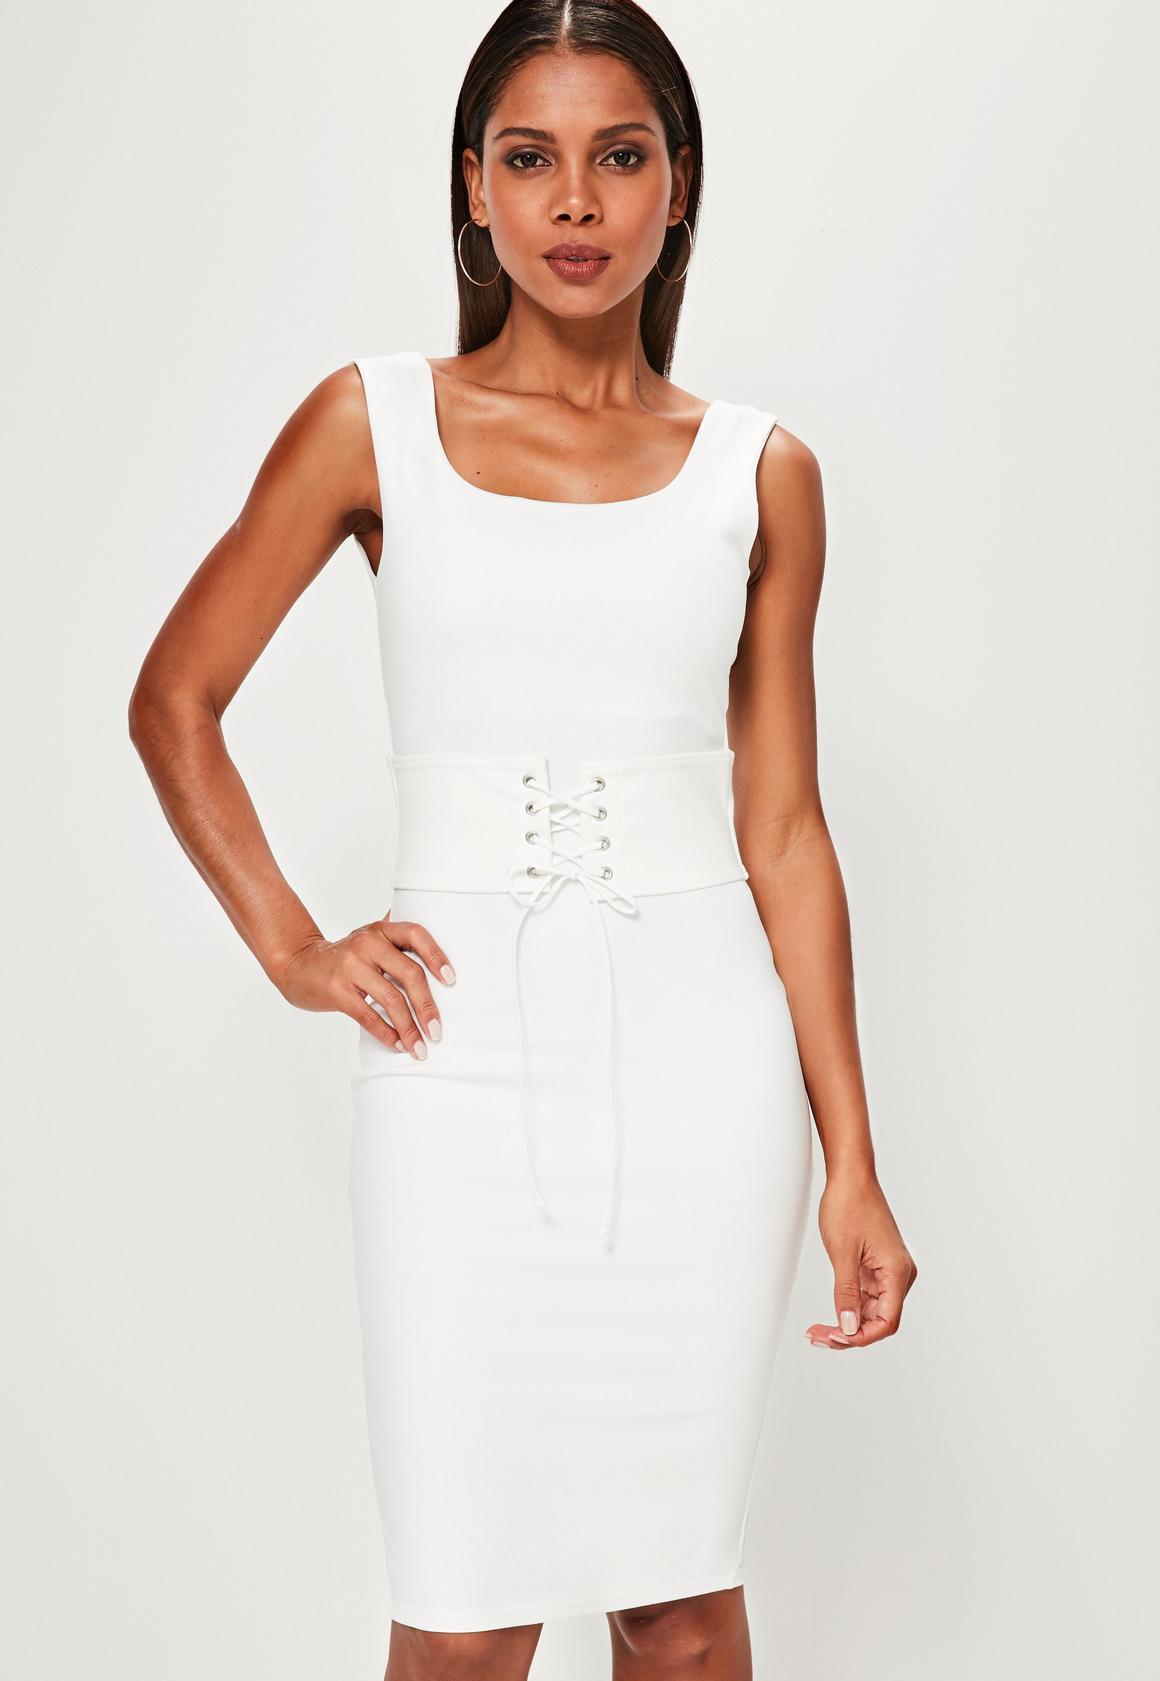 Corset dress white.